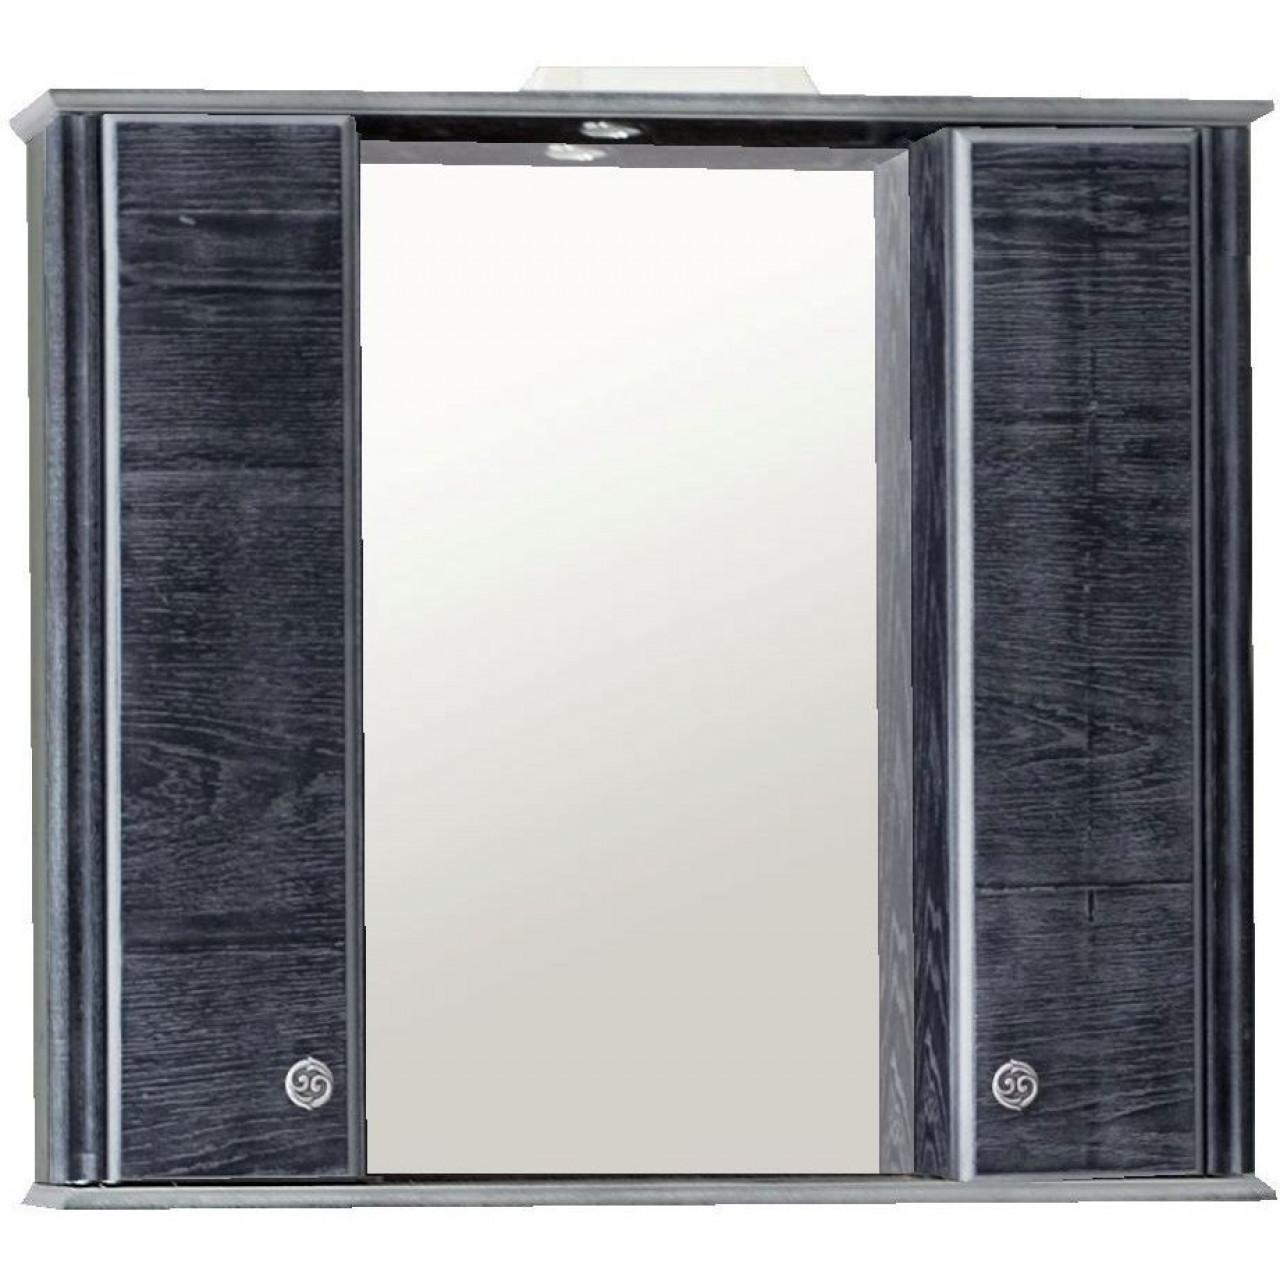 Зеркало-шкаф Аллигатор Грант 2 85 купить в Москве по цене от 11600р. в интернет-магазине mebel-v-vannu.ru